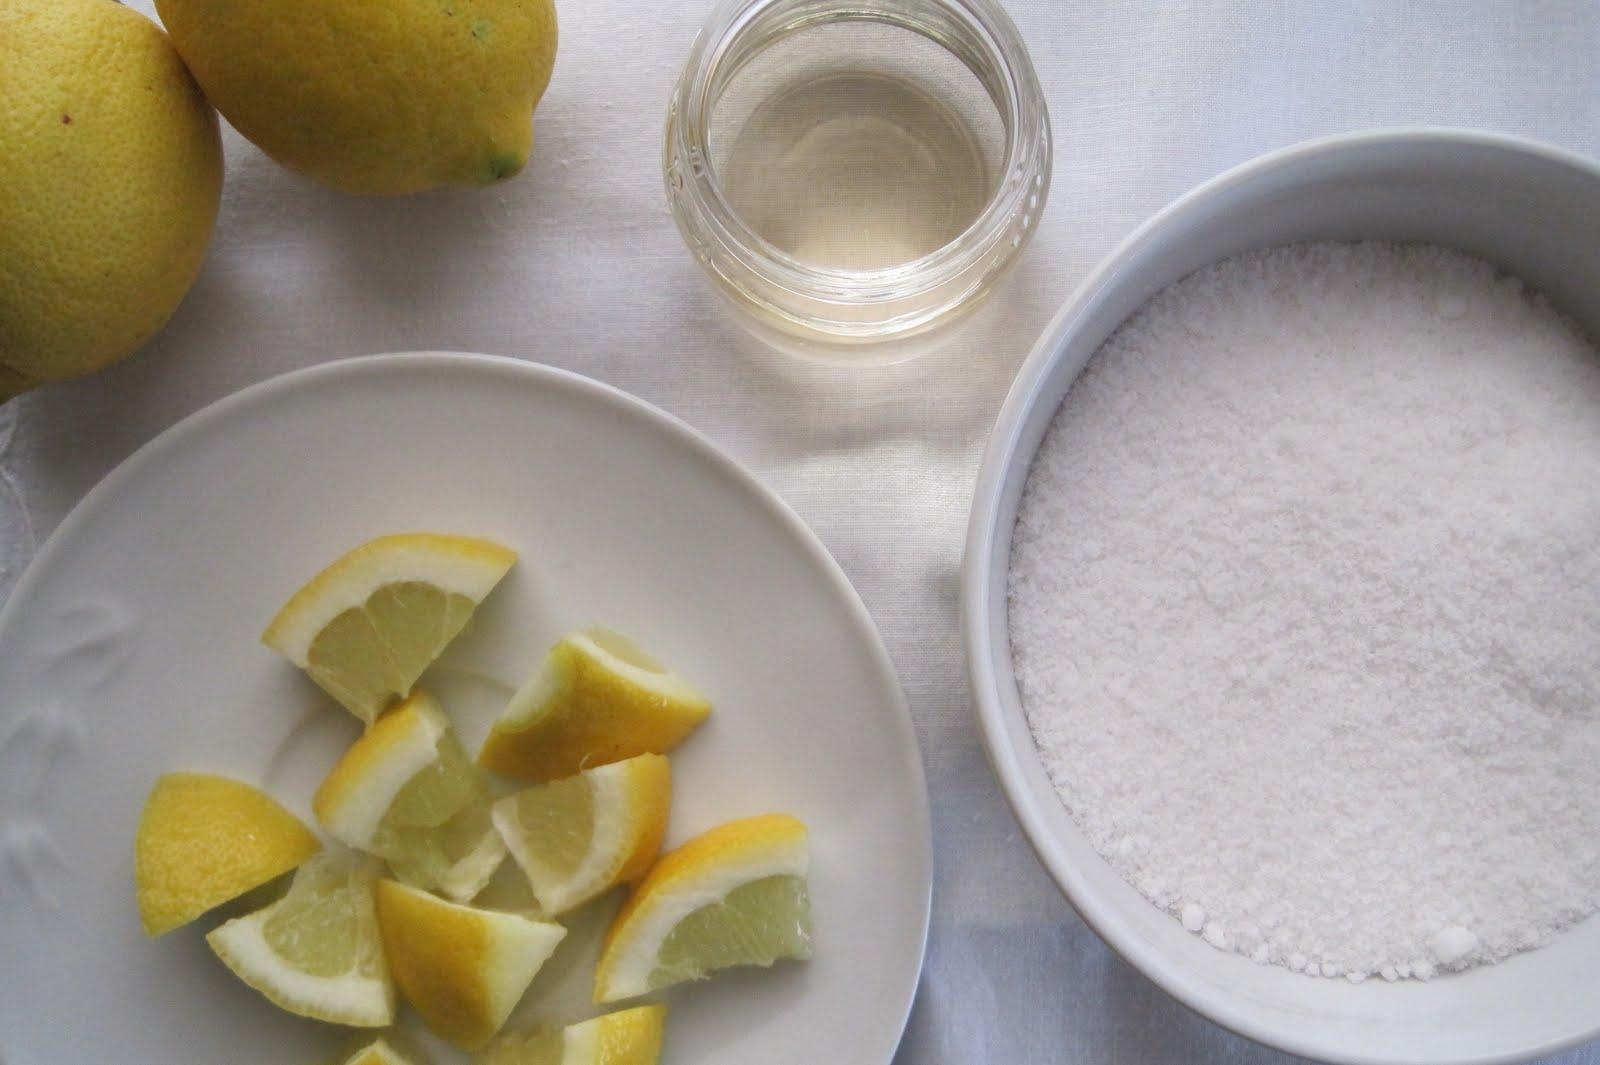 Manumanie detergenti naturali fai da te - Detergenti naturali facuti in casa ...